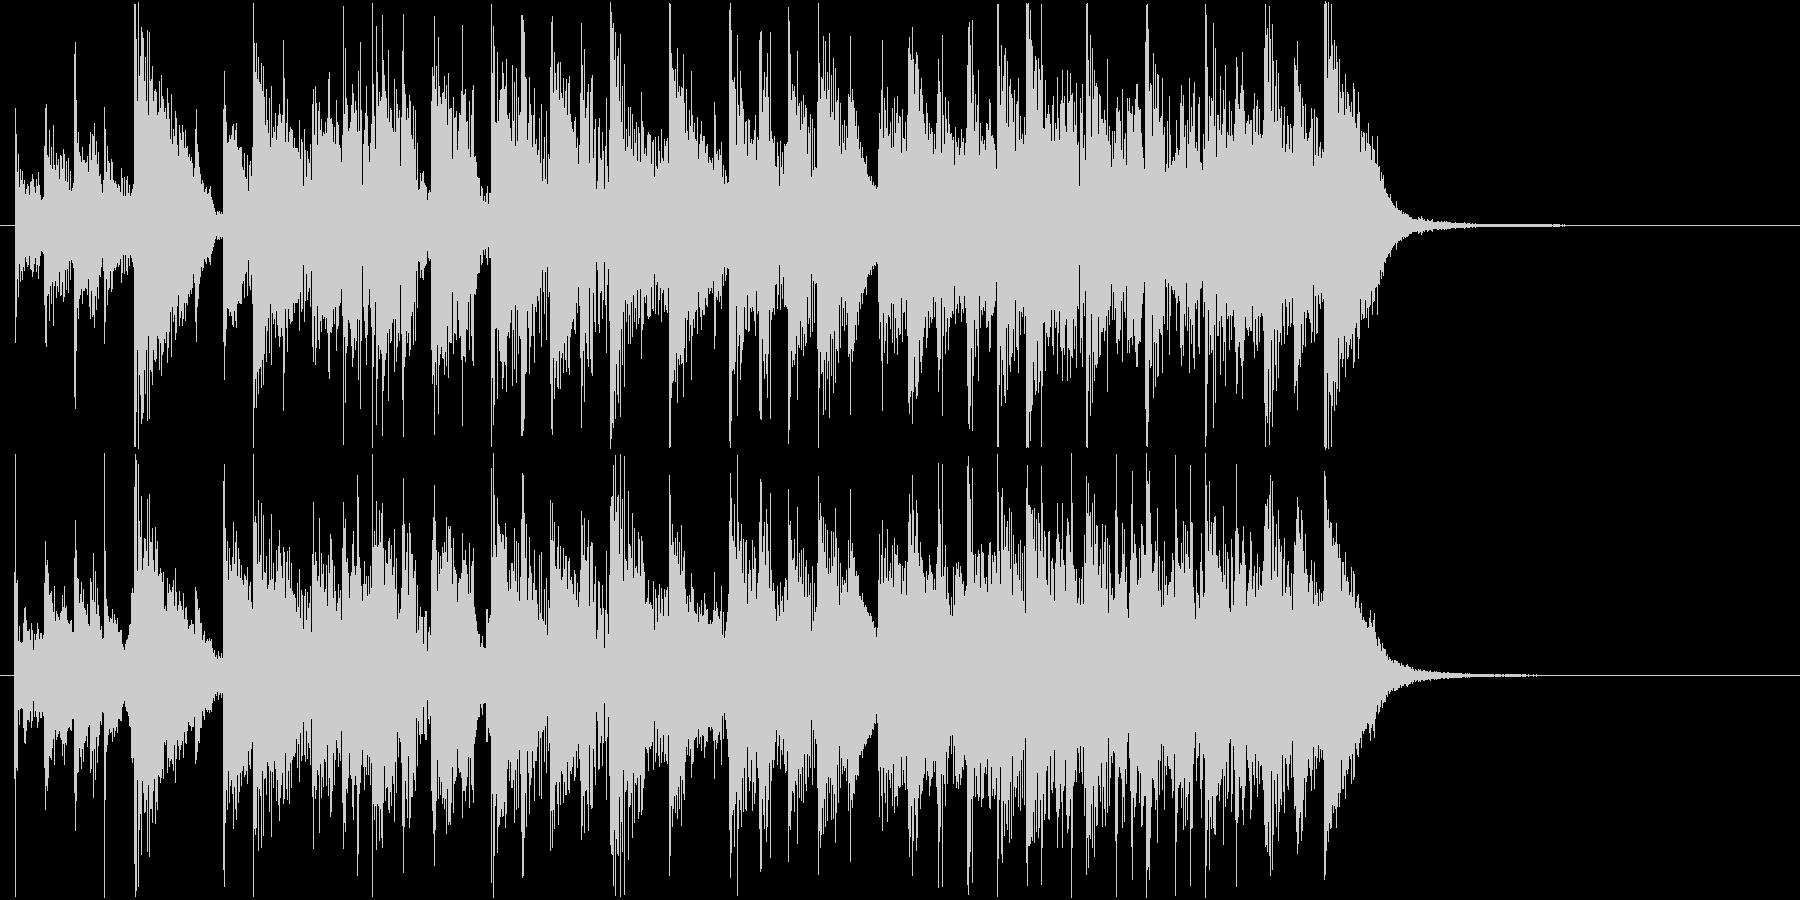 昭和テイストの軽快でカワイイサウンドロゴの未再生の波形